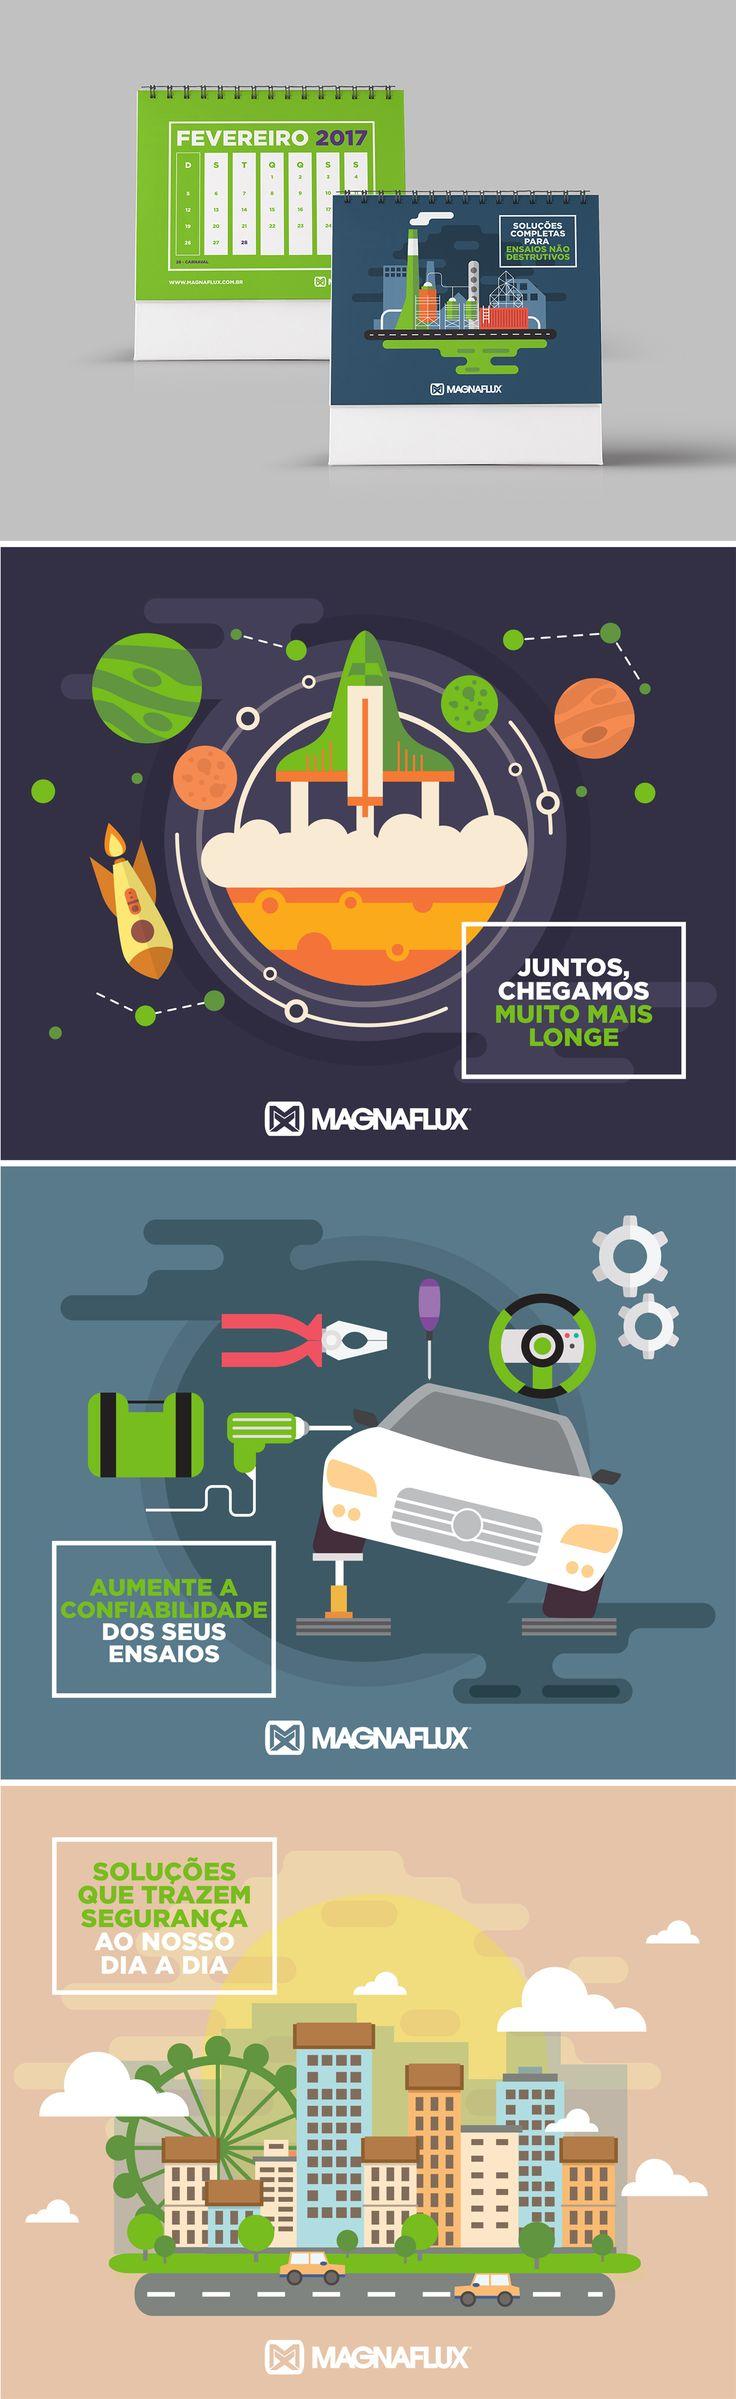 Calendário Magnaflux 2017 Criação do calendário 2017 da Magnaflux.